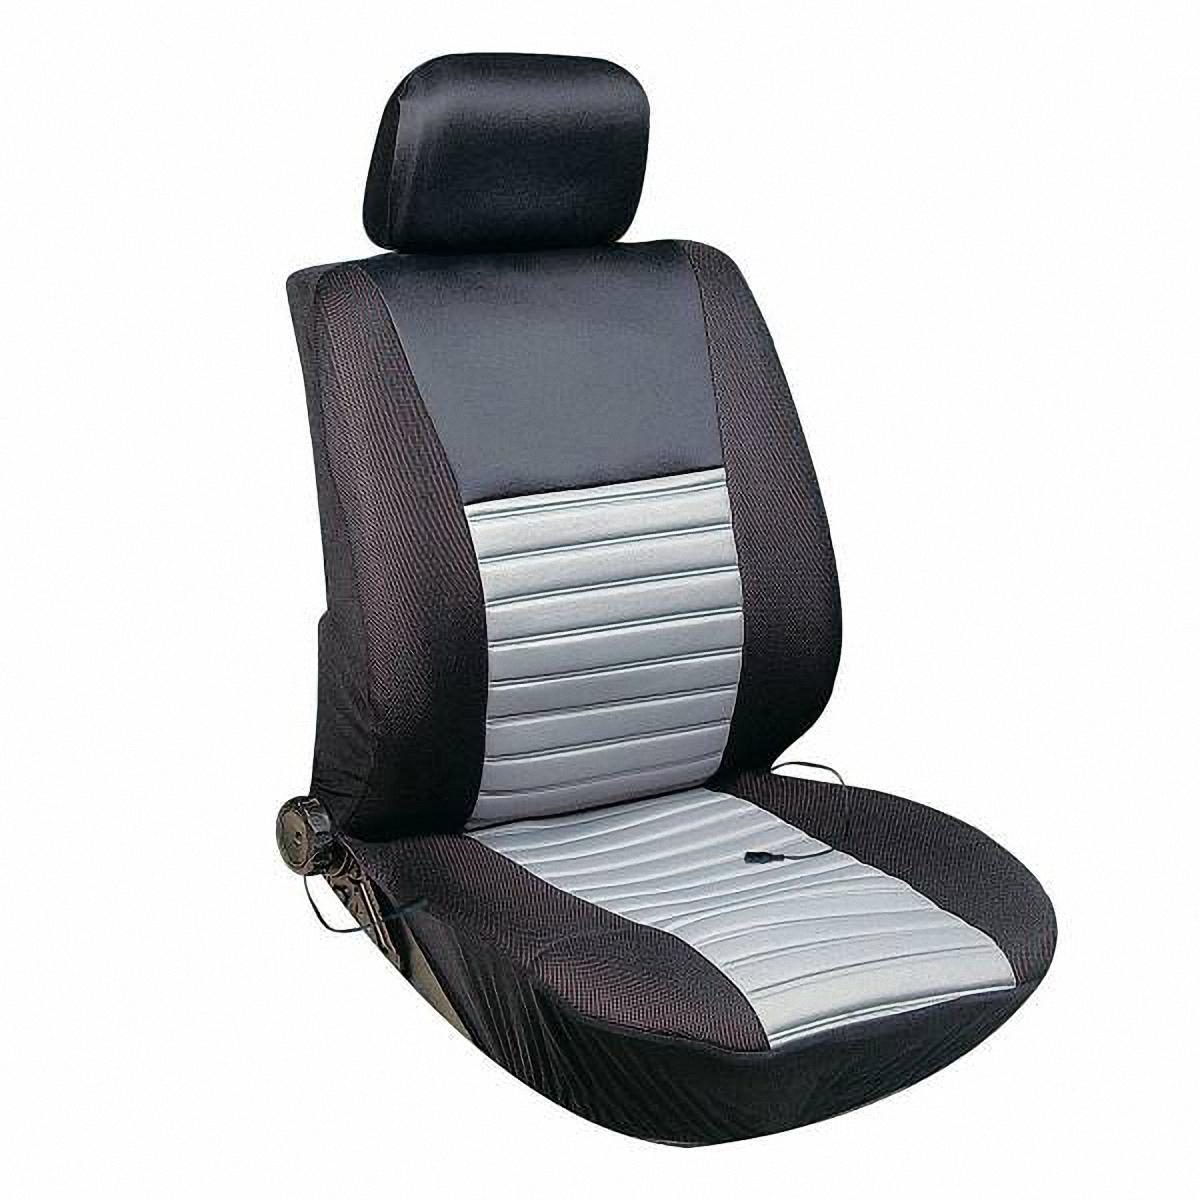 Чехол на сиденье Skyway, с подогревом. S02202004SC-FD421005Чехол на сиденье Skyway, изготовленный из велюра, снижает усталость при управлении автомобилем и обеспечивает комфортное вождение в холодное время года.Подогрев сиденья с терморегулятором (2 режима). В качестве теплоносителя применяется углеродный материал. Такой нагреватель обладает феноменальной гибкостью и прочностью на разрыв в отличие от аналогов, изготовленных из медного или иного металлического провода.Устройство подключается к прикуривателю на 12V.Размер чехла: 116 х 56 см.